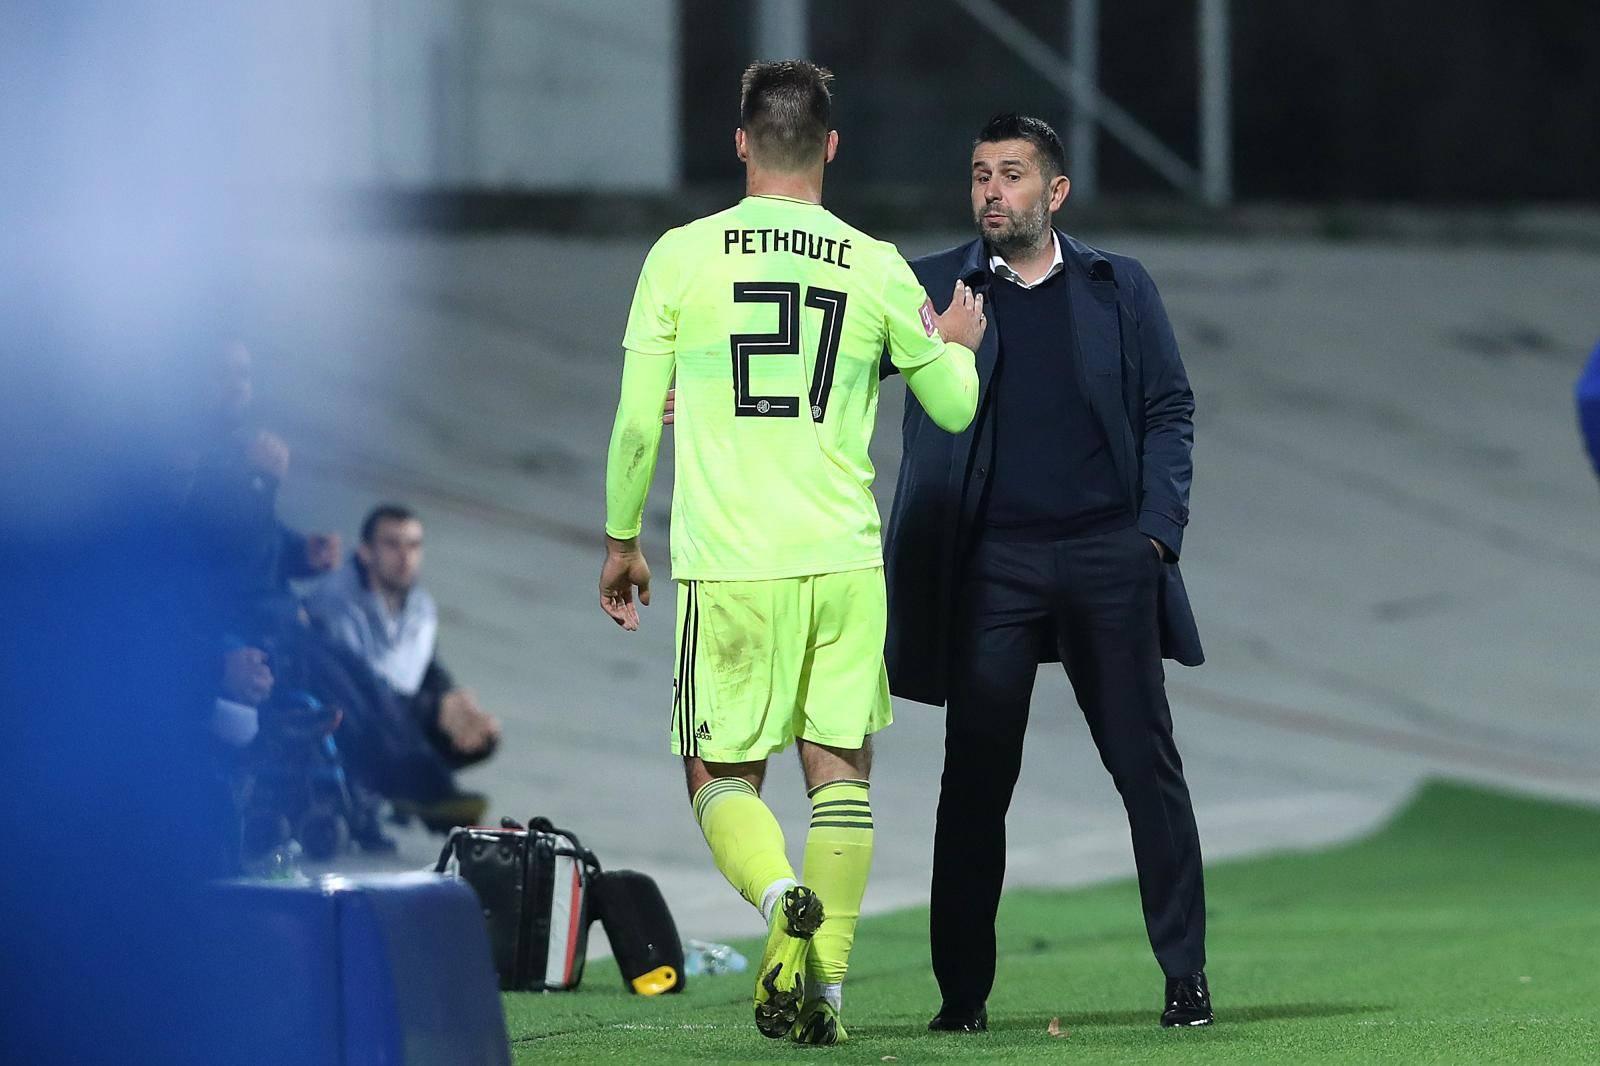 Bjelica priprema iznenađenje: Gavro igra, Petković na klupi...